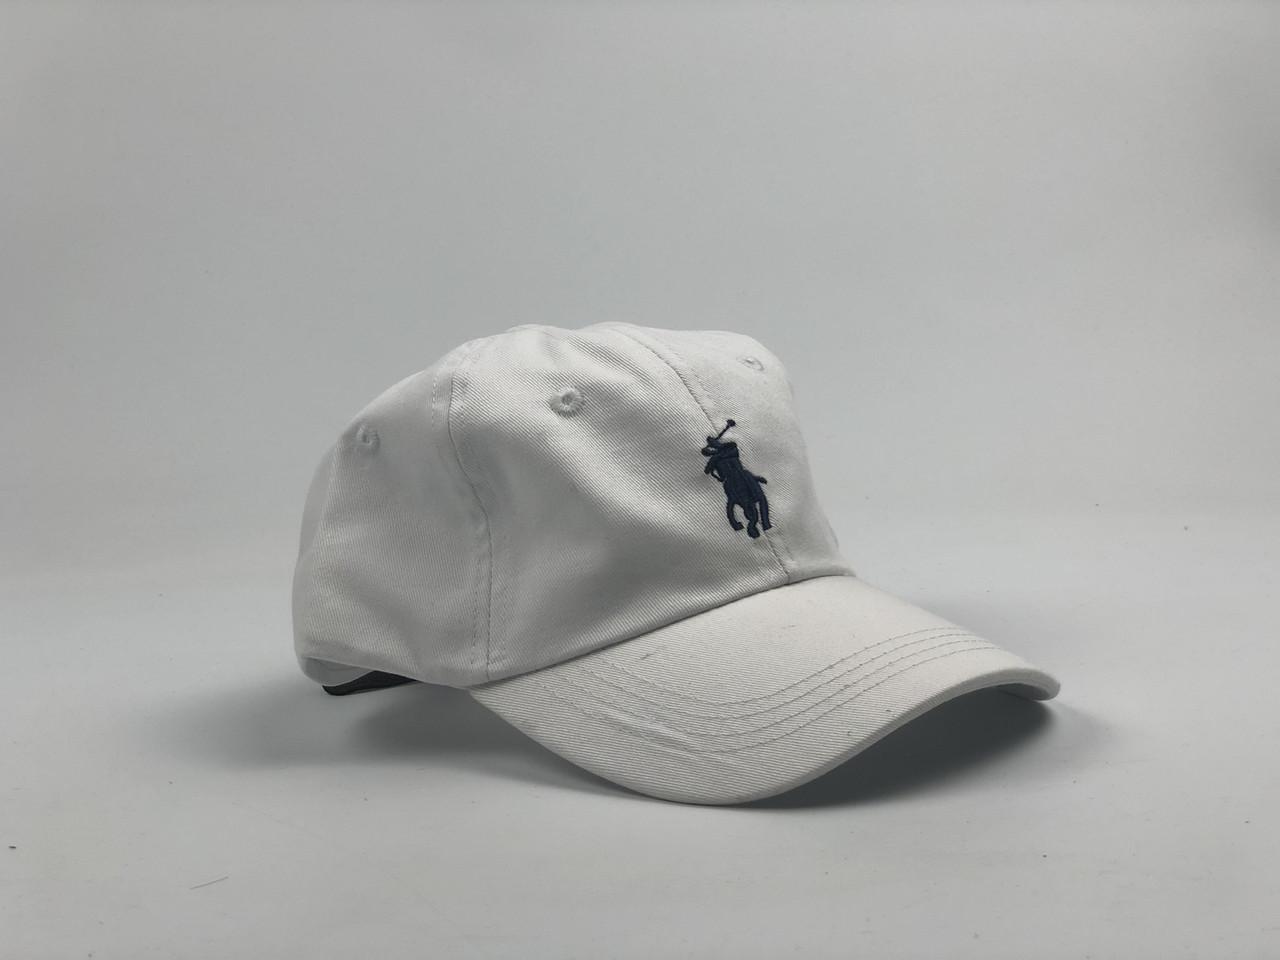 Кепка бейсболка Polo Ralph Lauren (белая с черным лого) с кожаным ремешком